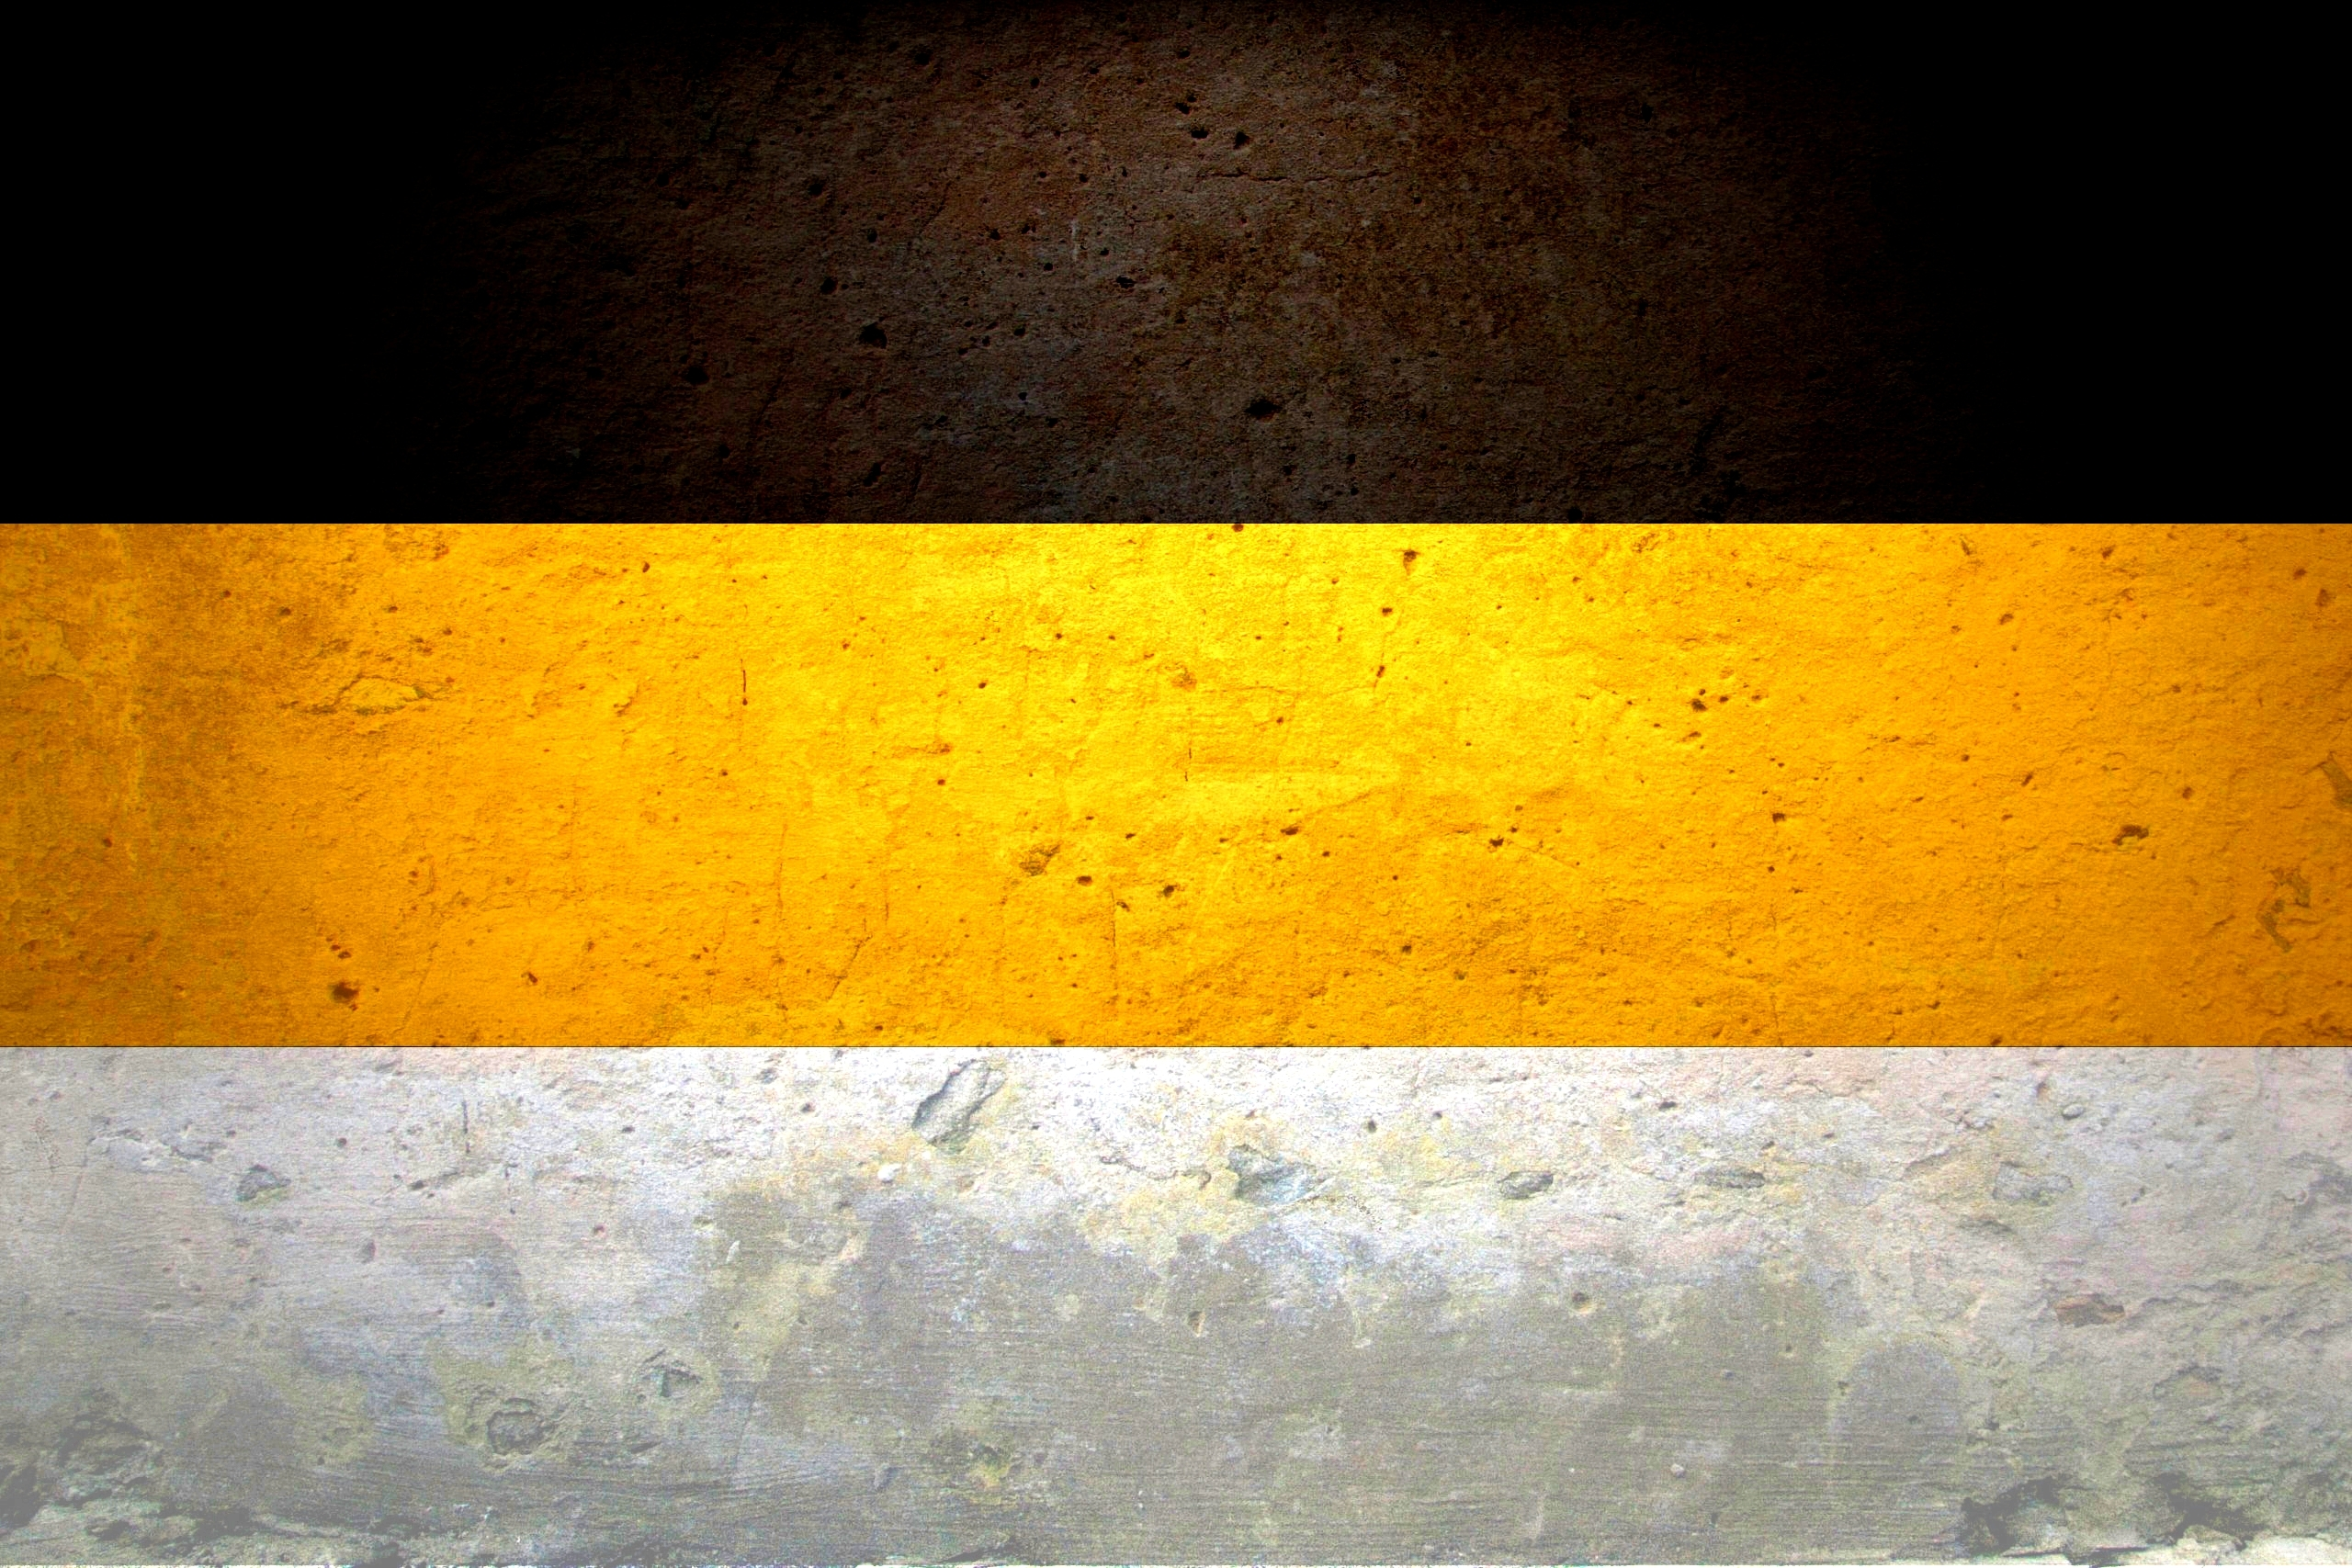 проект предполагает фото флага российской империи завистью